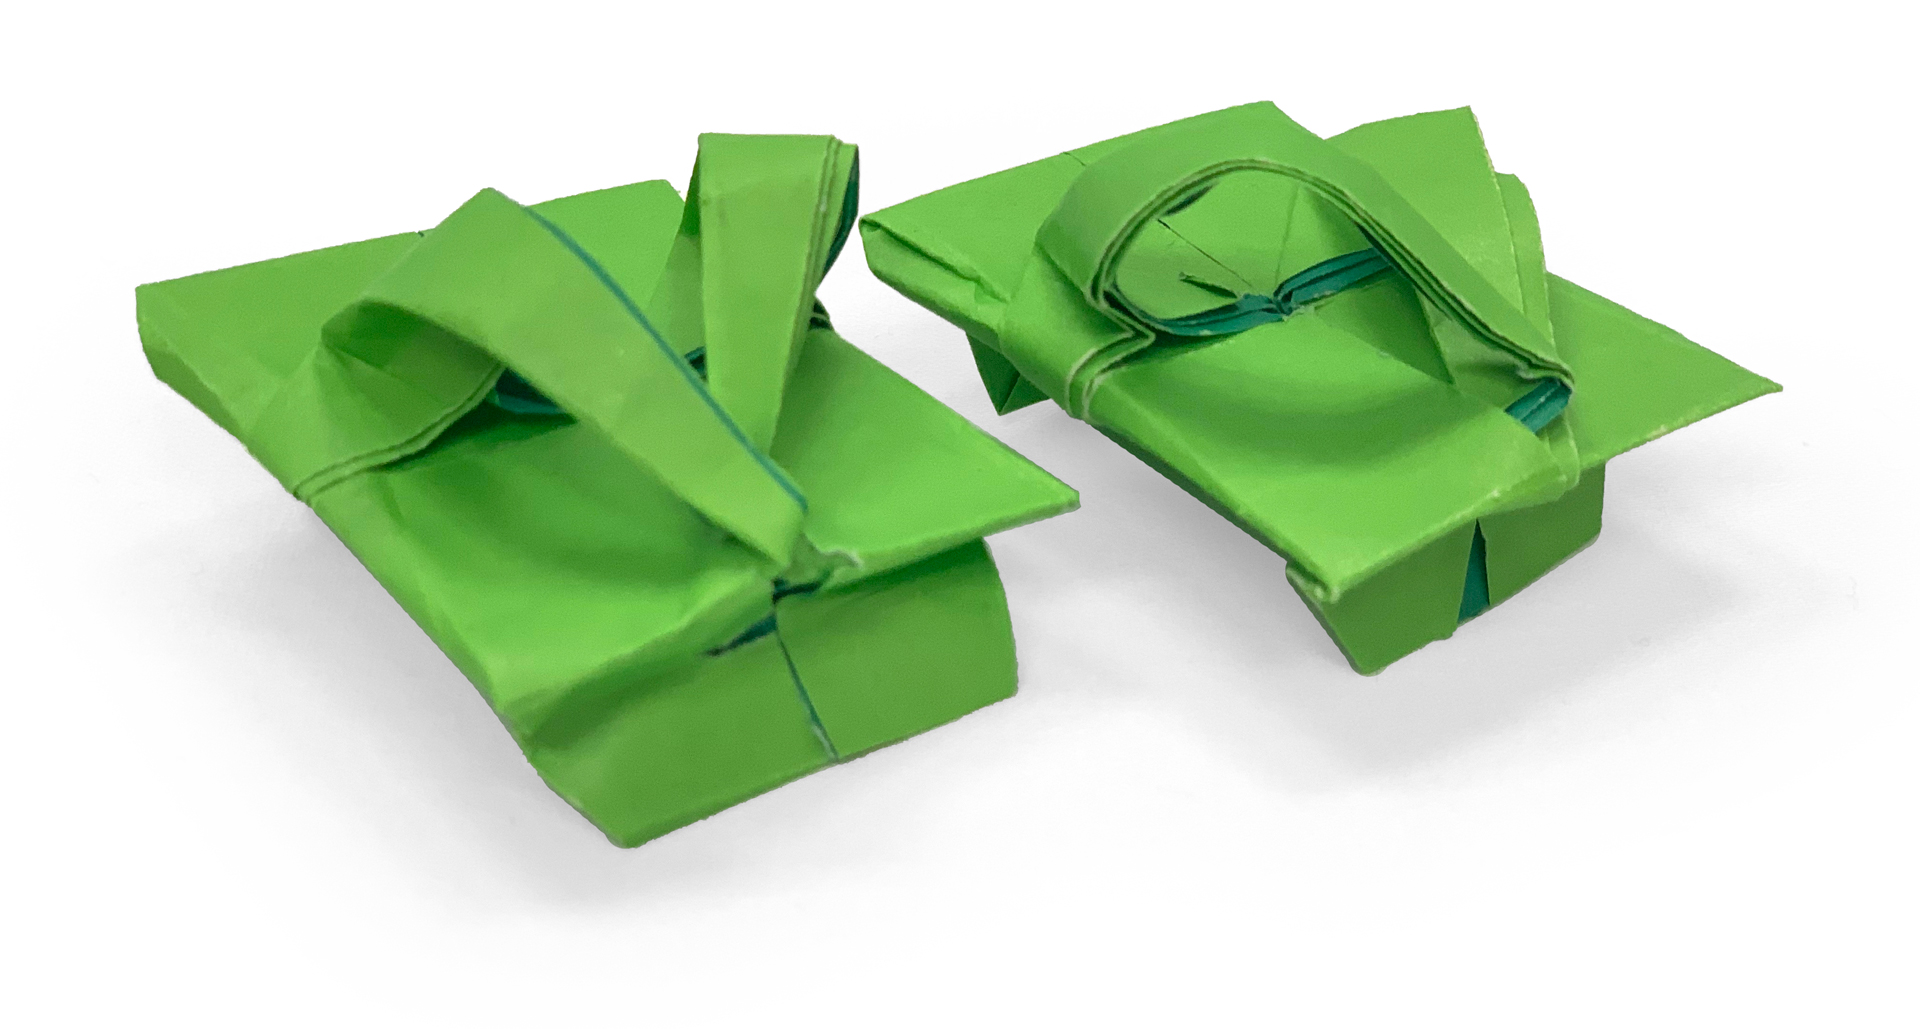 Origami Geta